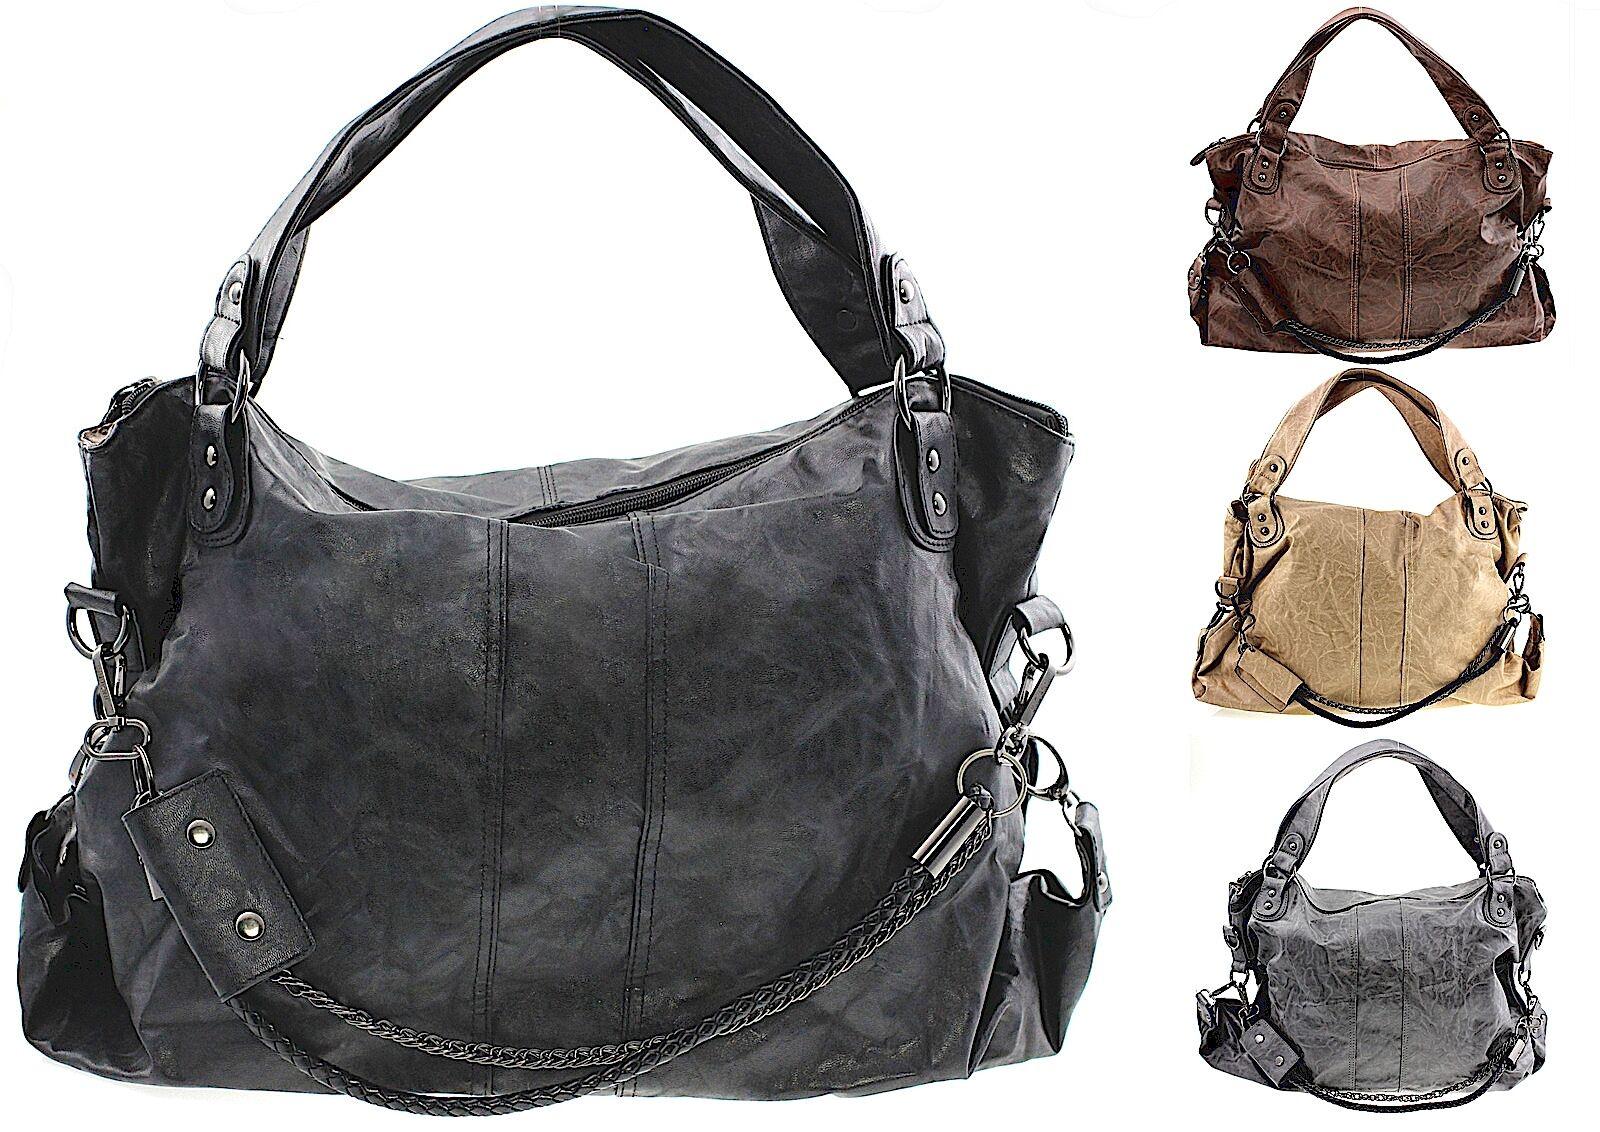 Handtasche Damen gross schwarz Henkeltasche Tasche Schultertasche Shopper groß